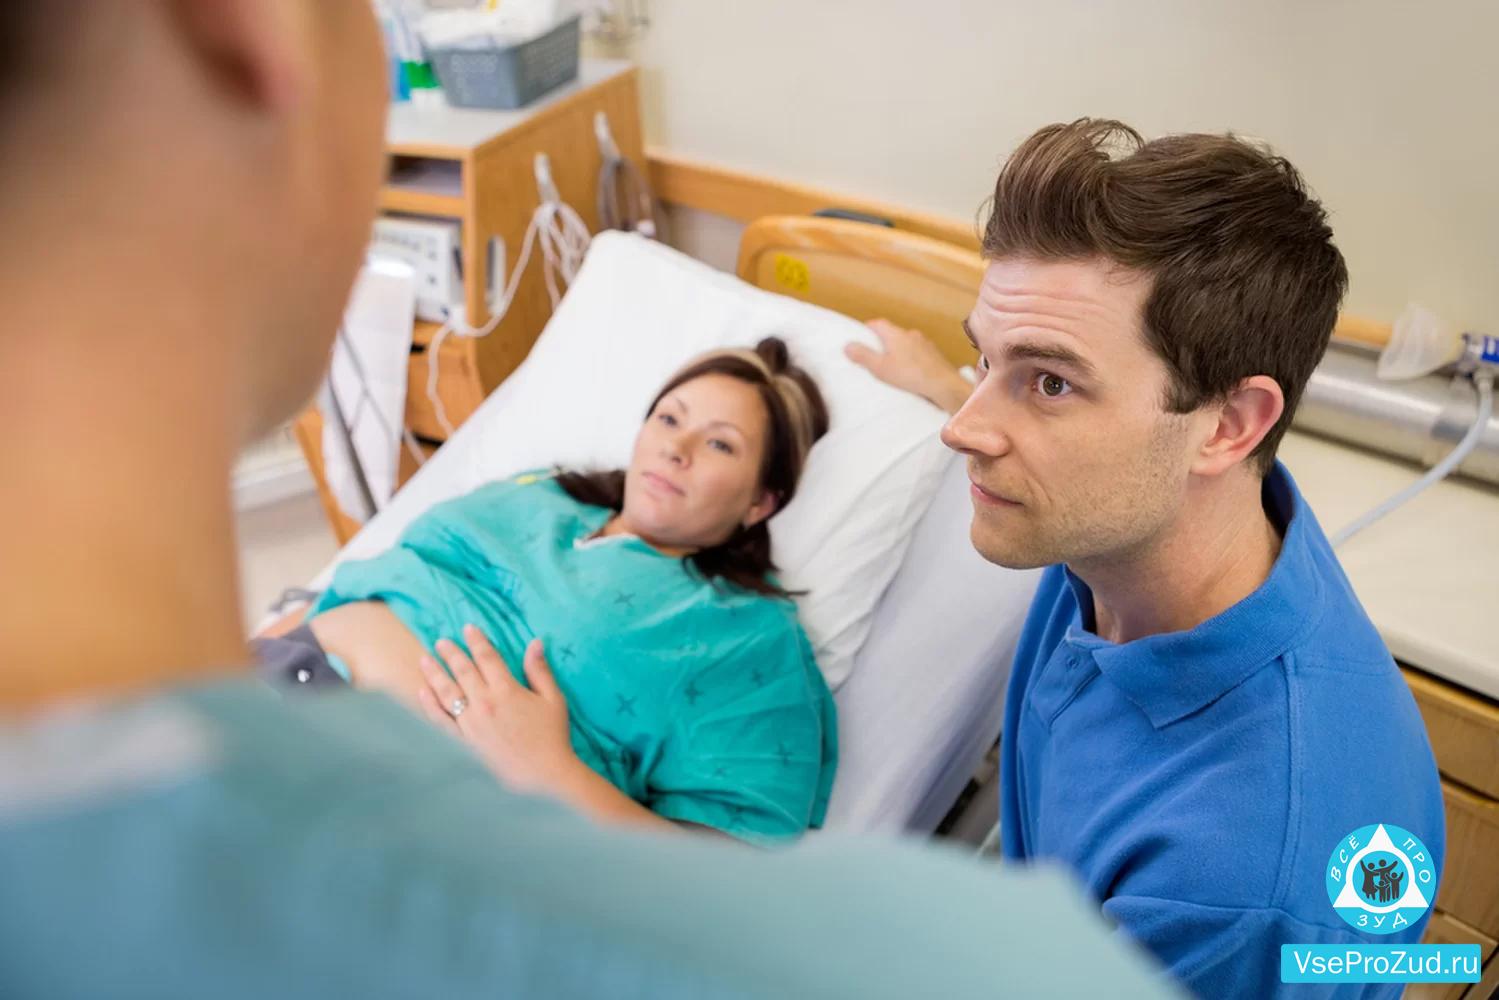 Зуд при беременности: почему чешется тело во время беременности